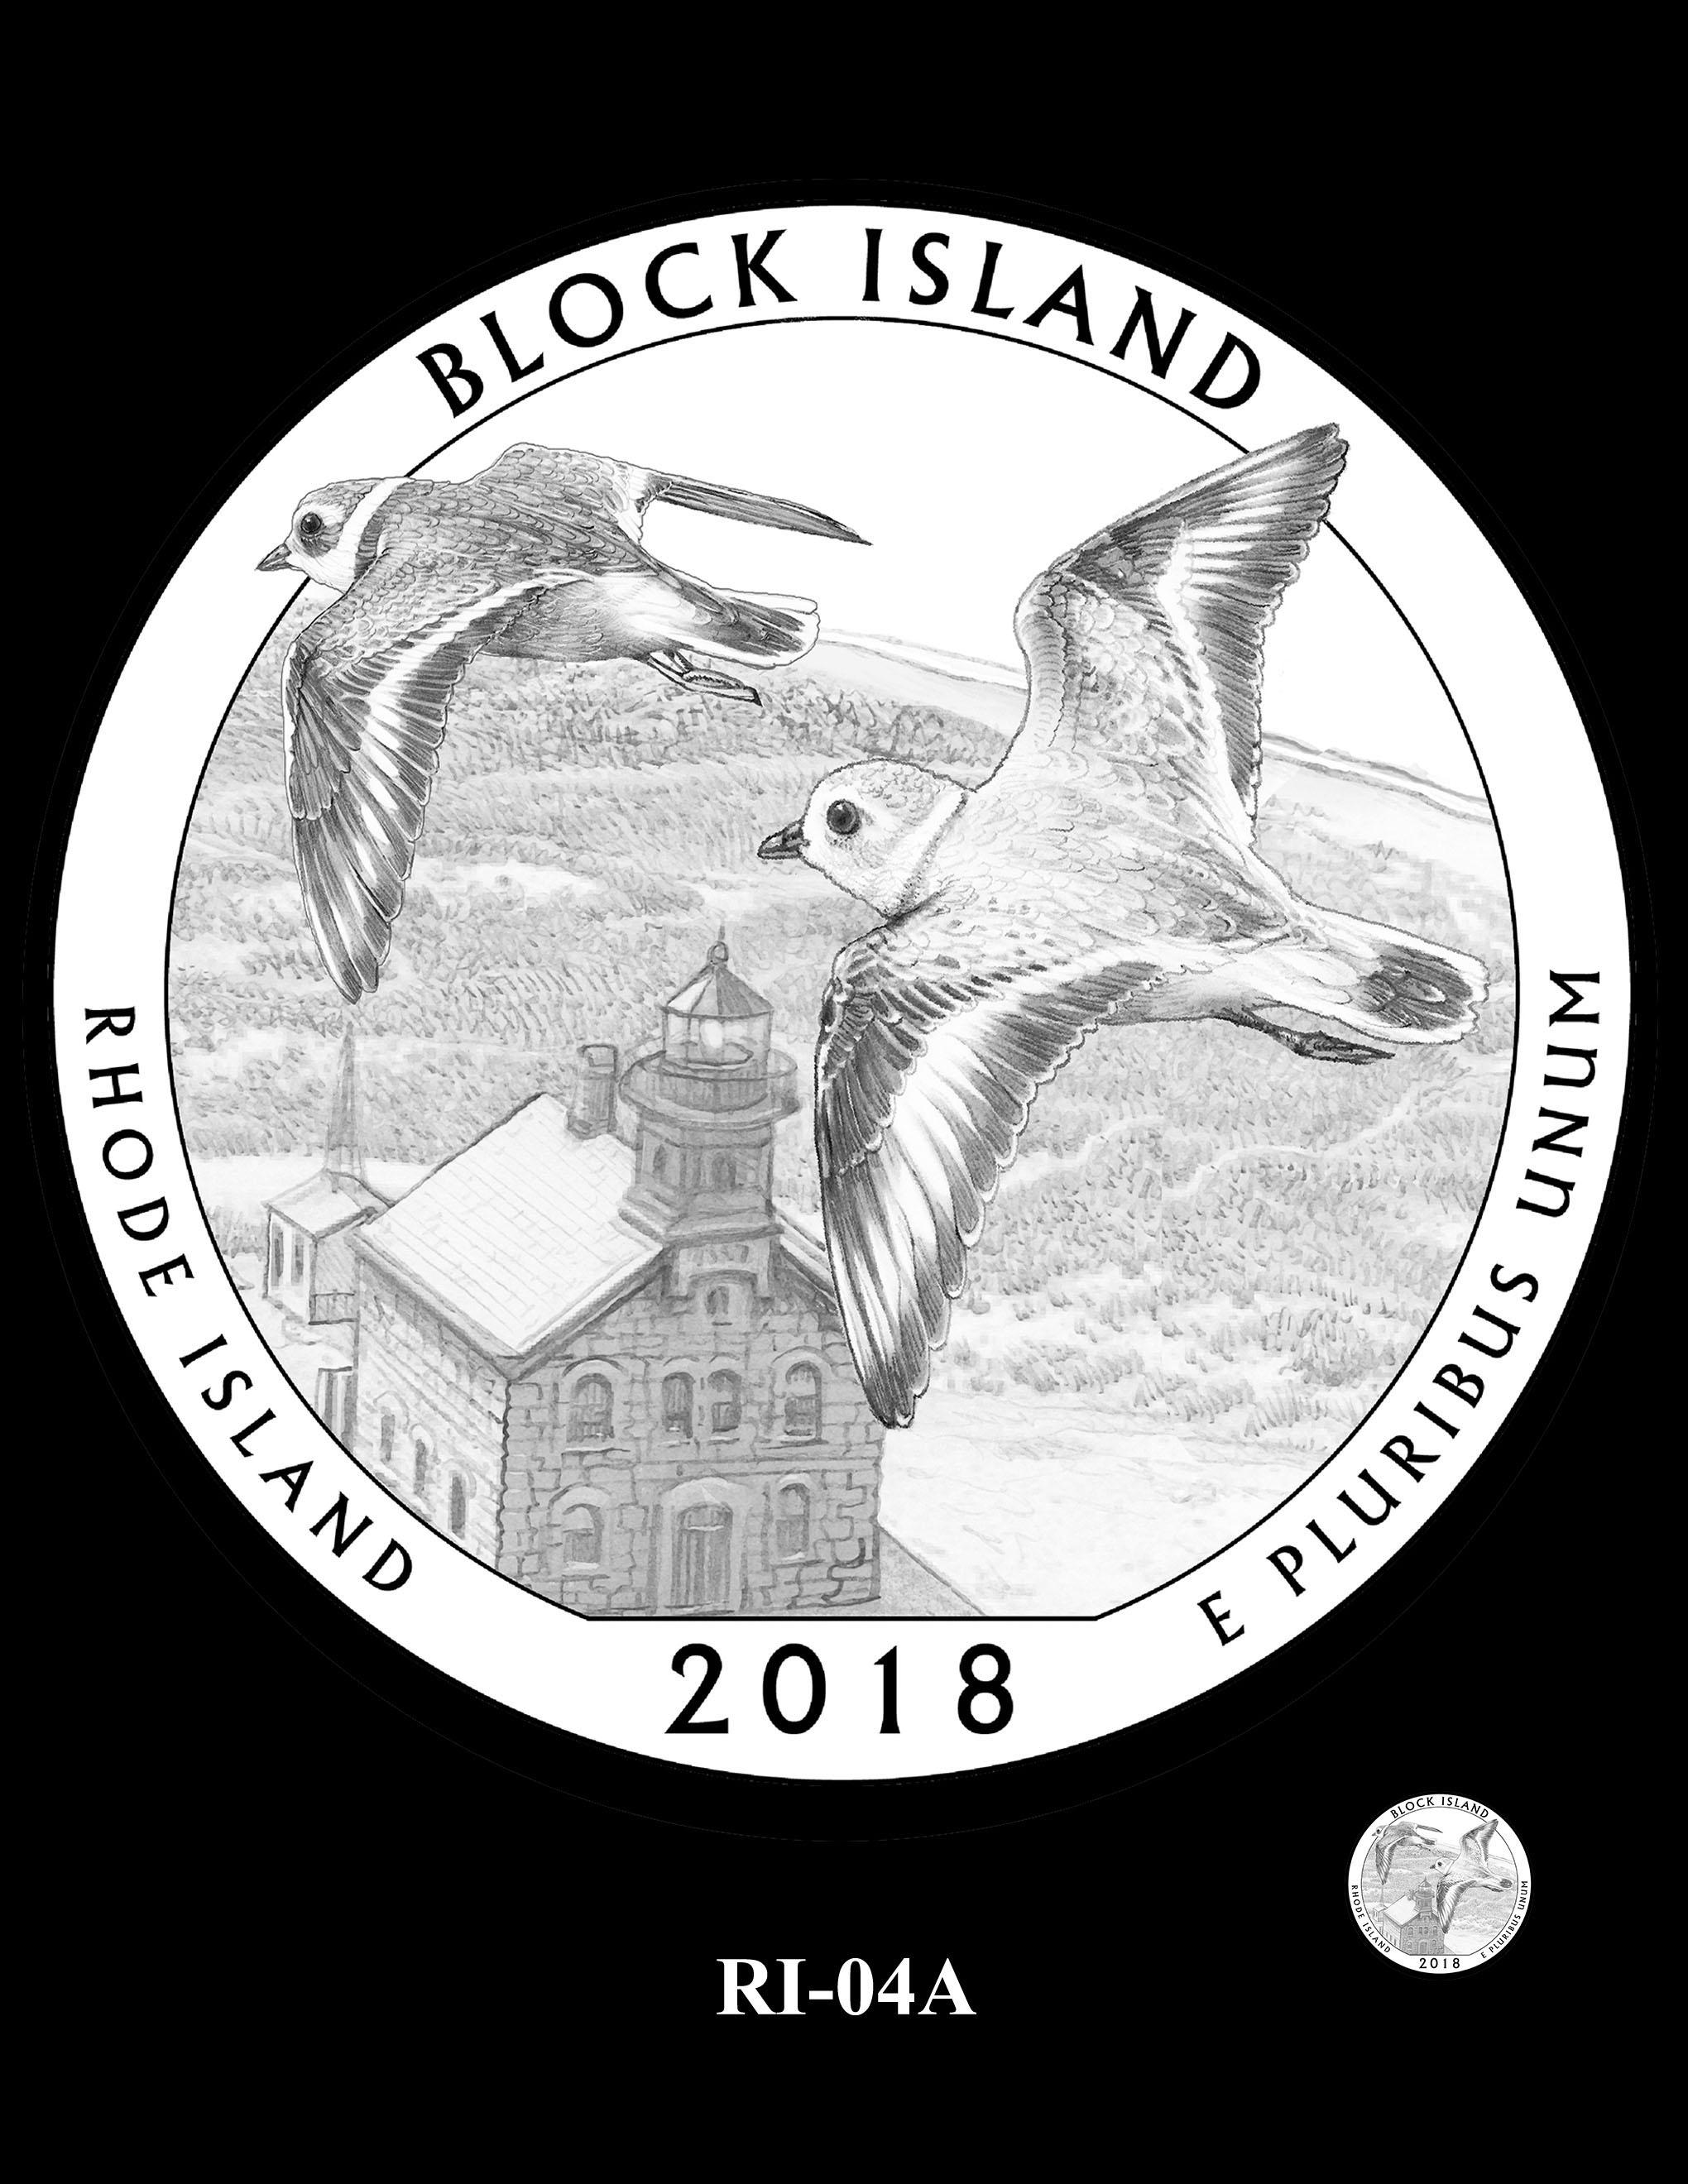 RI-04A -- 2018 America the Beautiful® Quarters Program